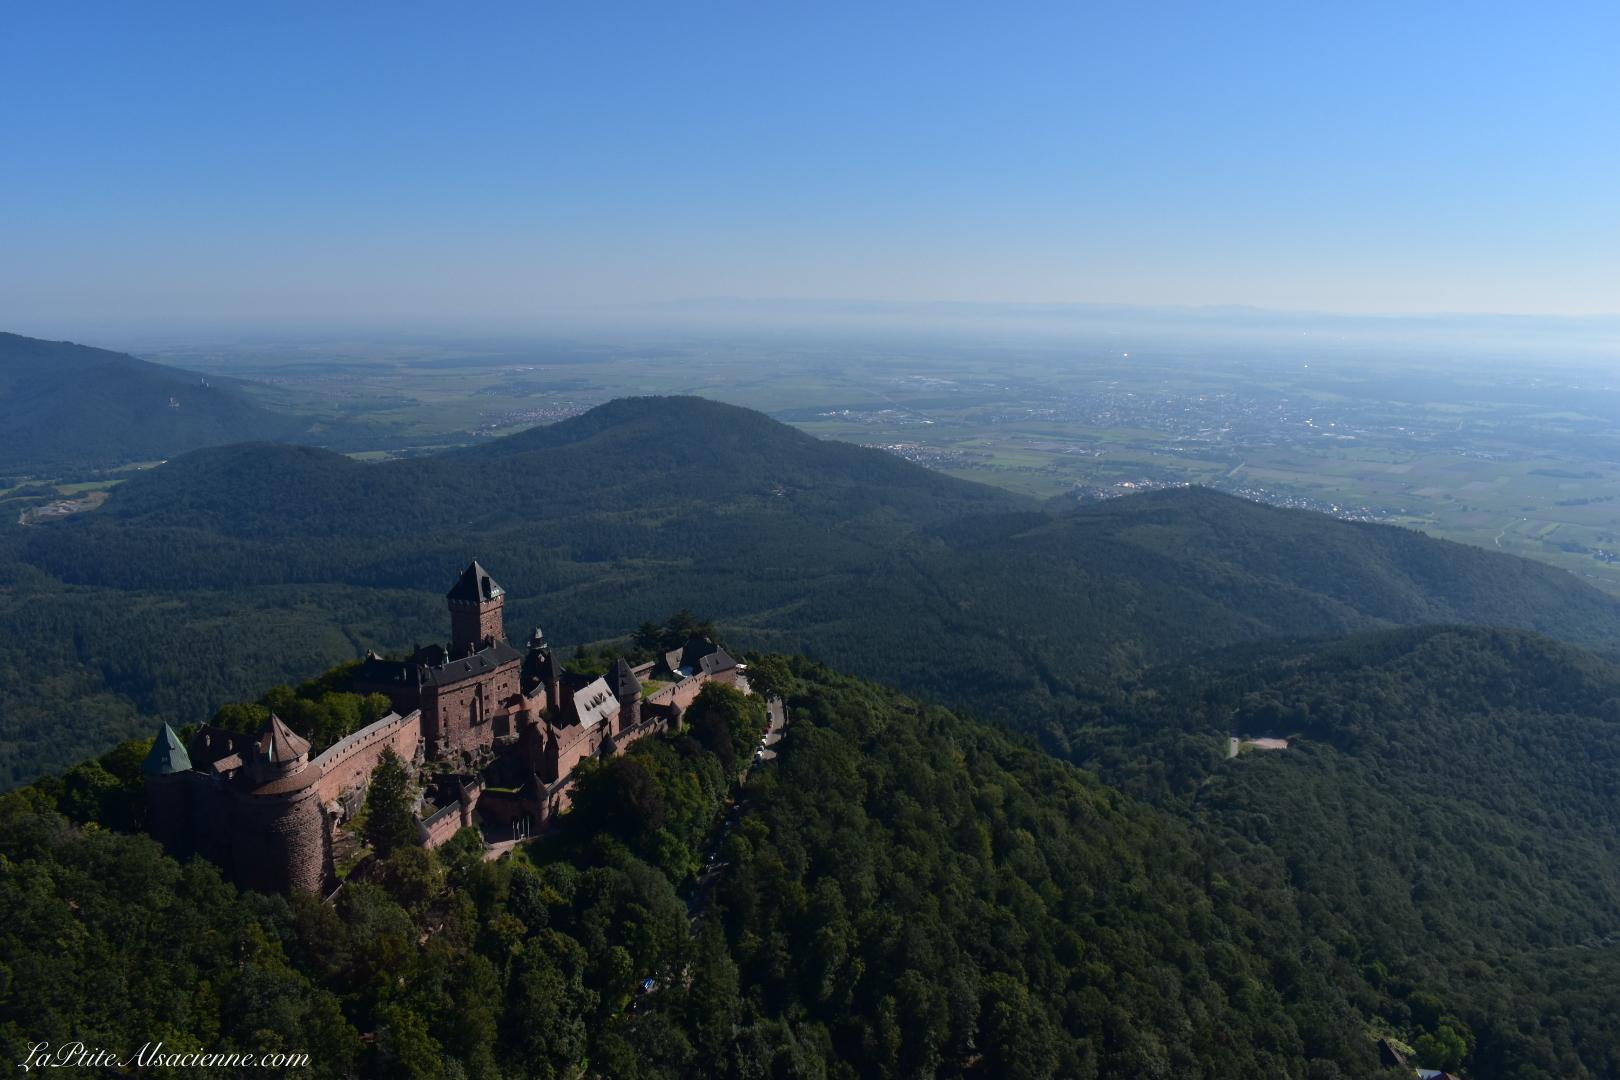 Le château du Haut-Kœnigsbourg vue du ciel - sortie en ULM en septembre 2021 par LaPtiteAlsacienne (Cendrine Miesch)